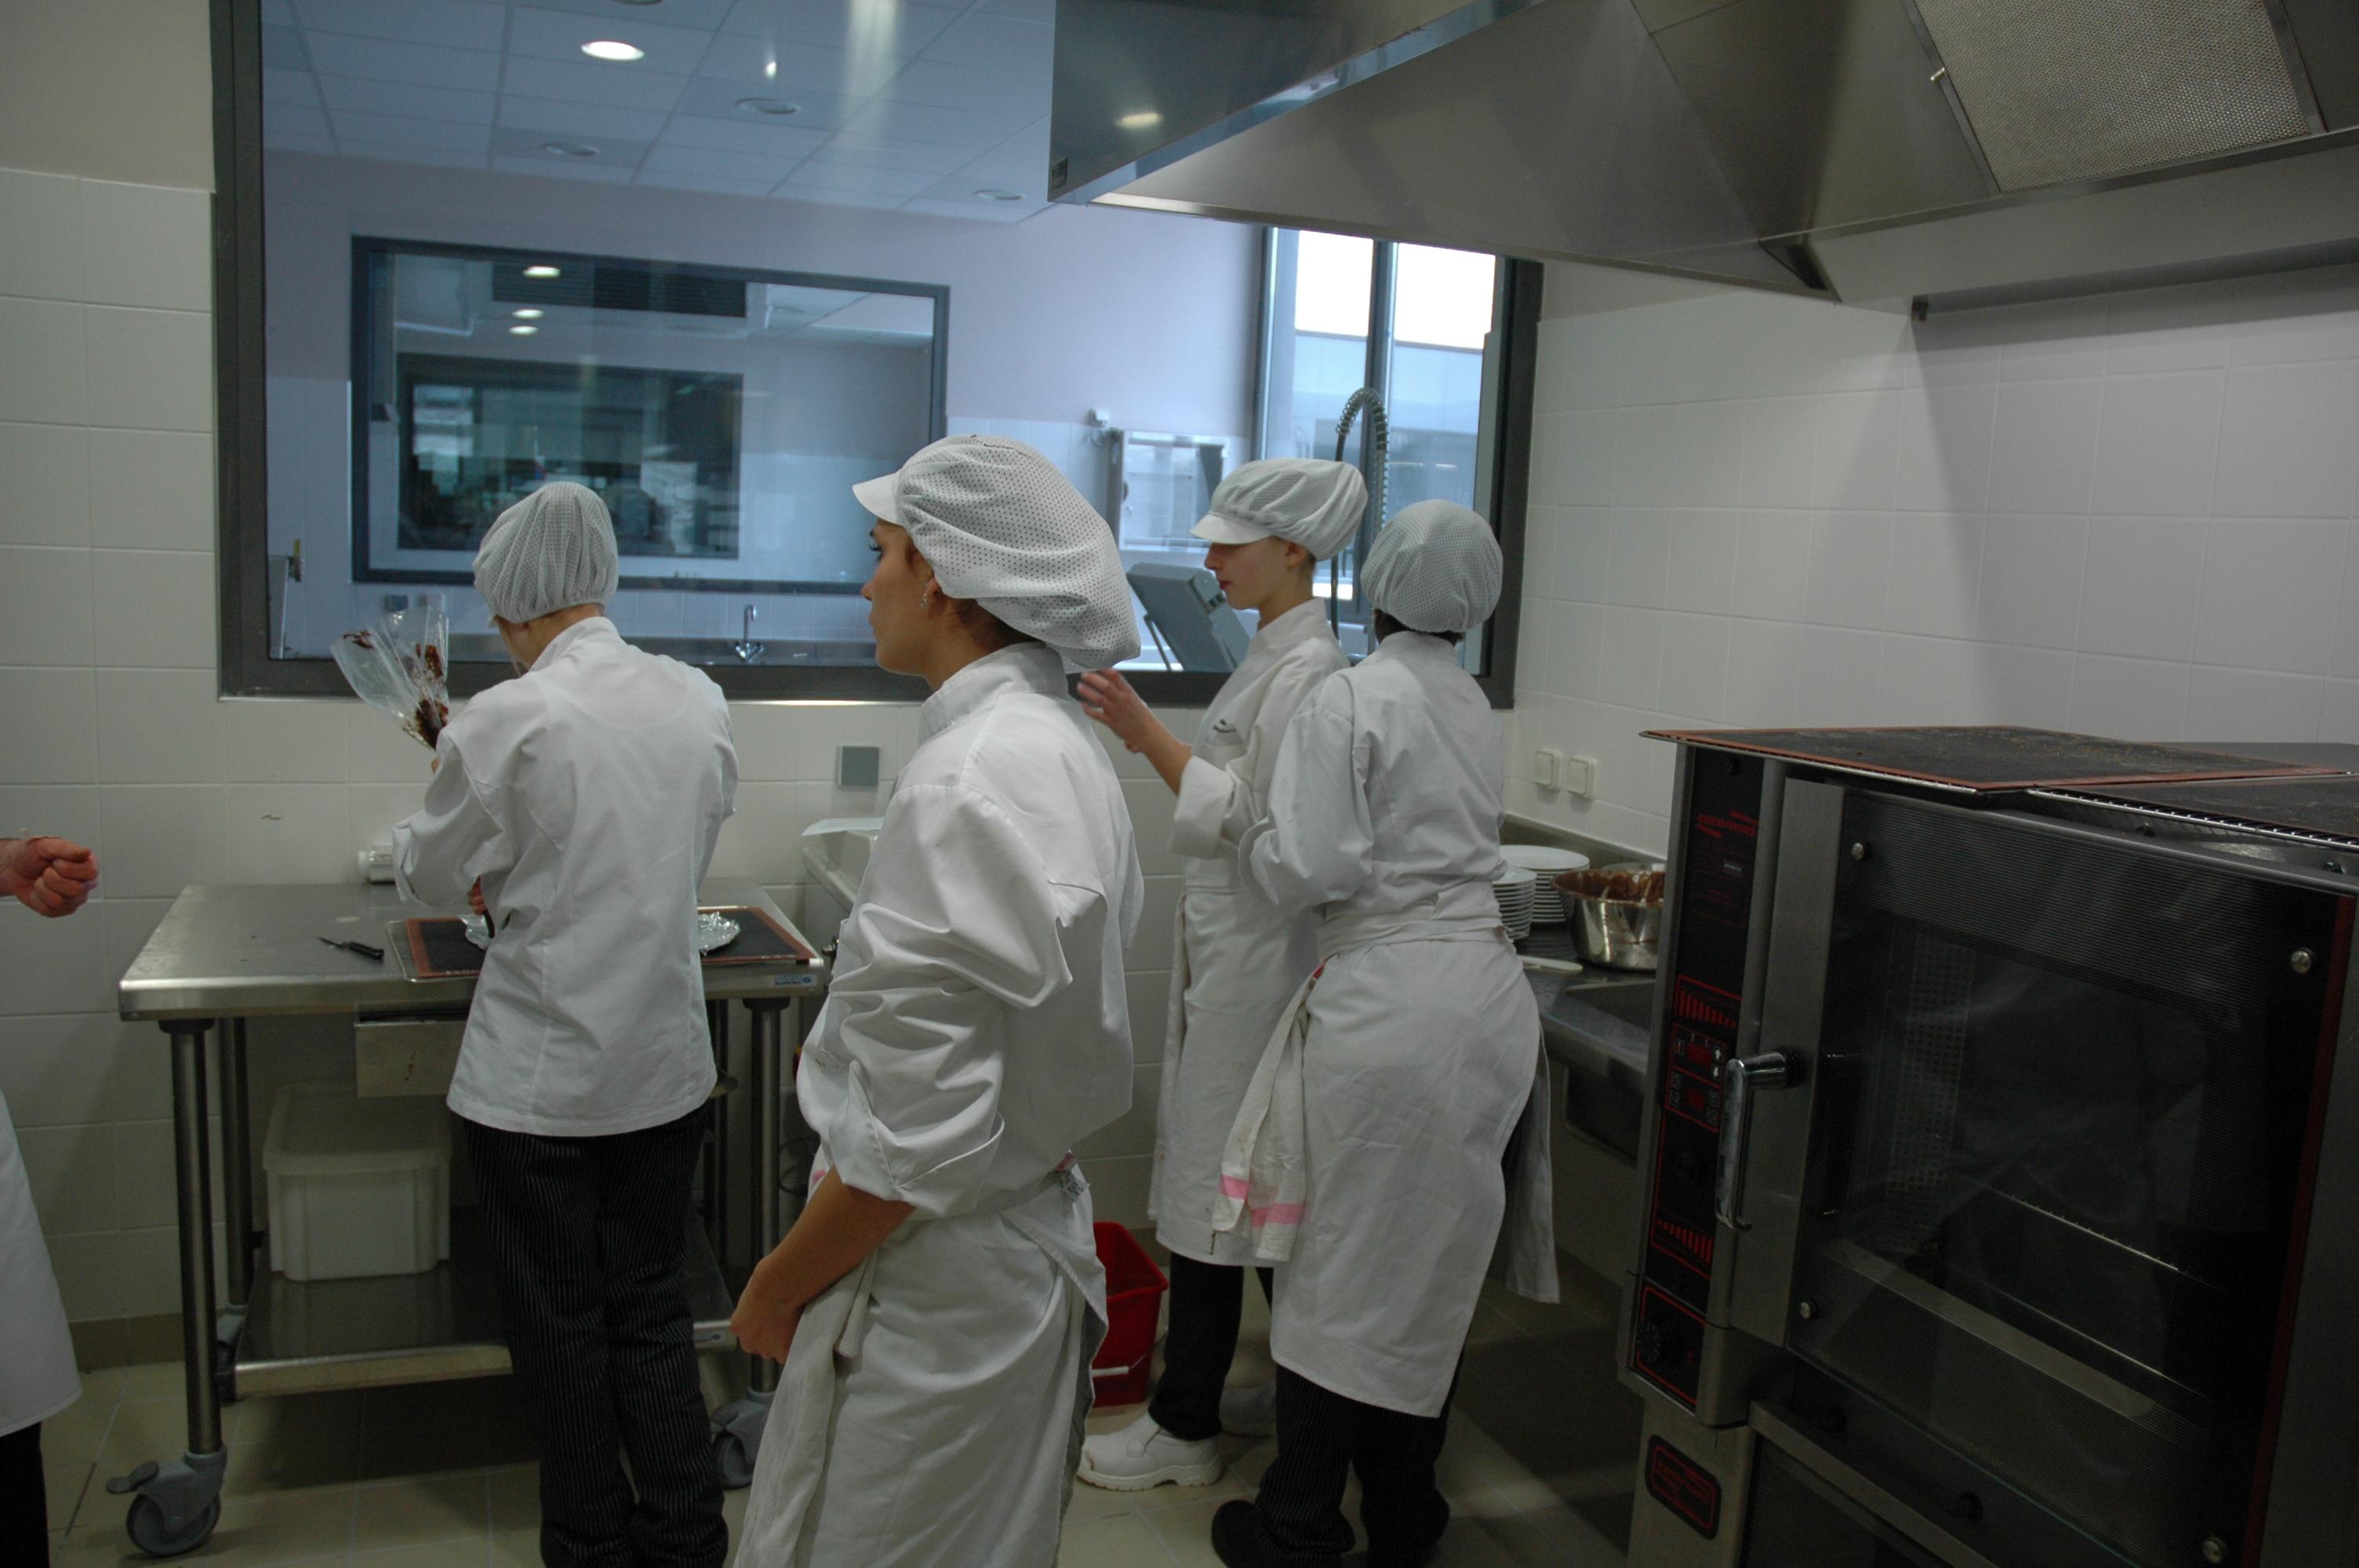 Les formations dispens es au lyc e lyc e edc - Brevet professionnel cuisine ...